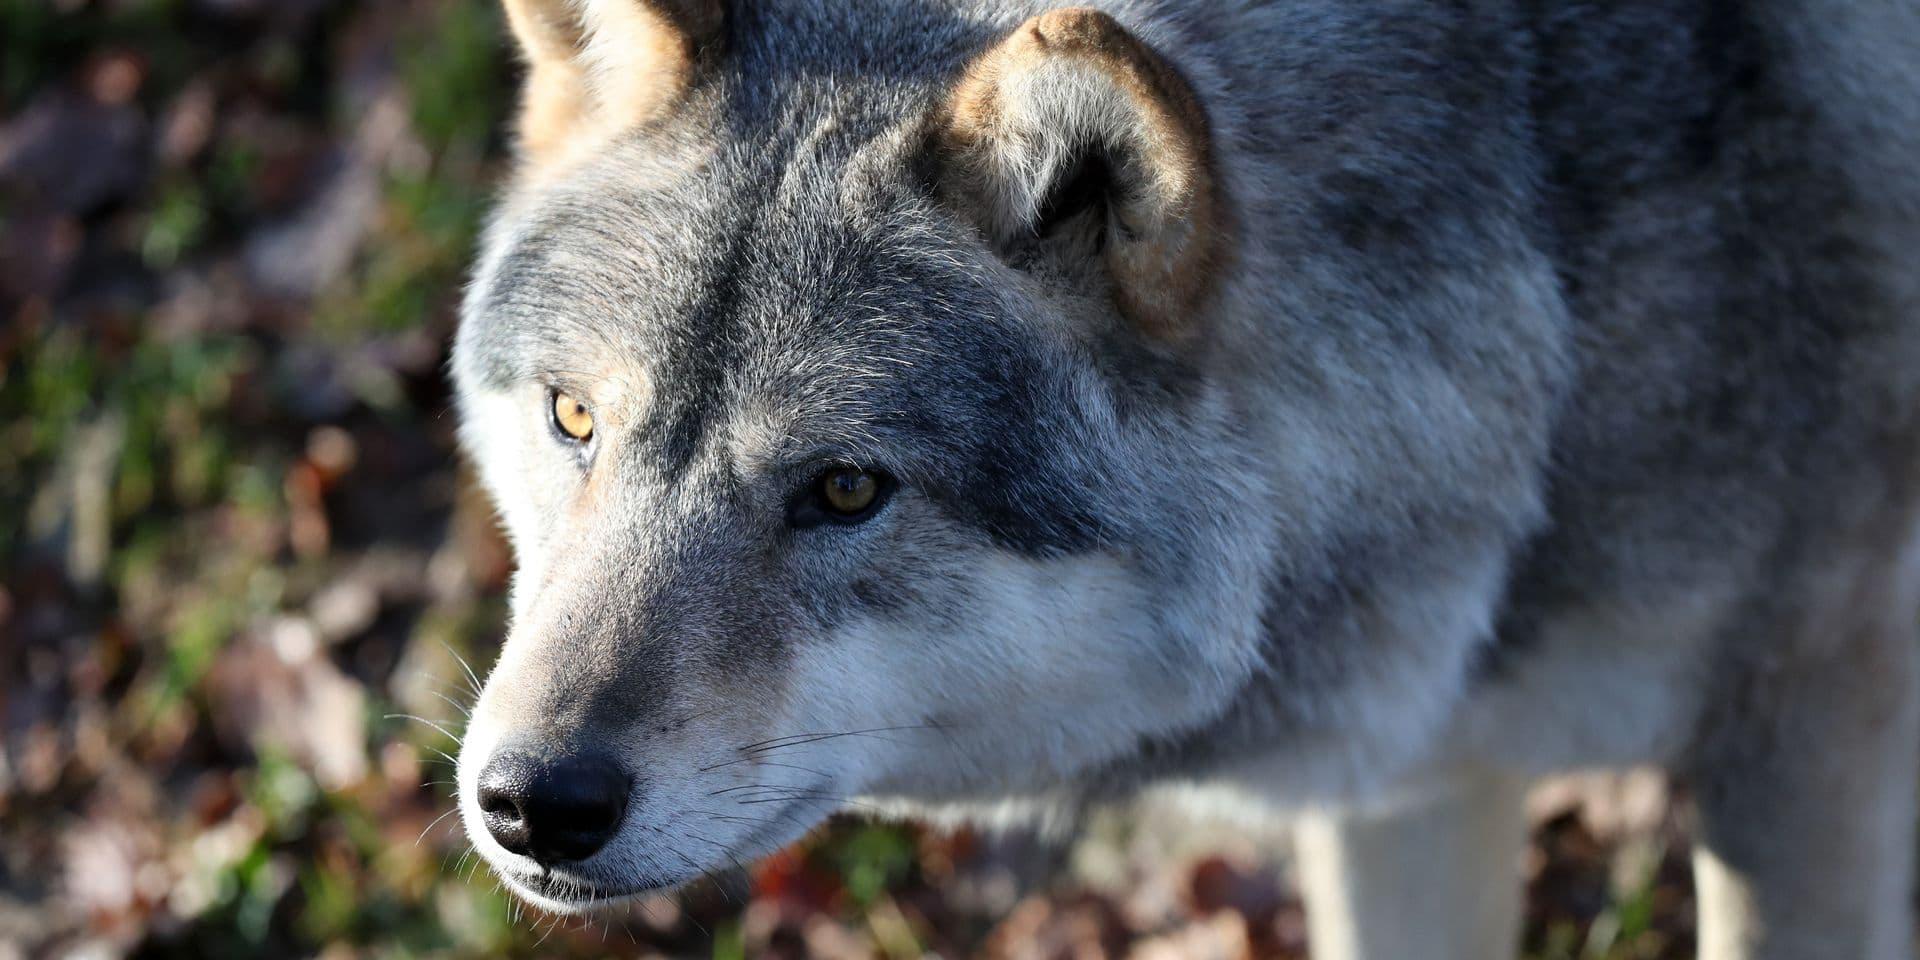 Le loup Billy a été renversé par une camionnette à Turnhout mais a survécu à l'accident